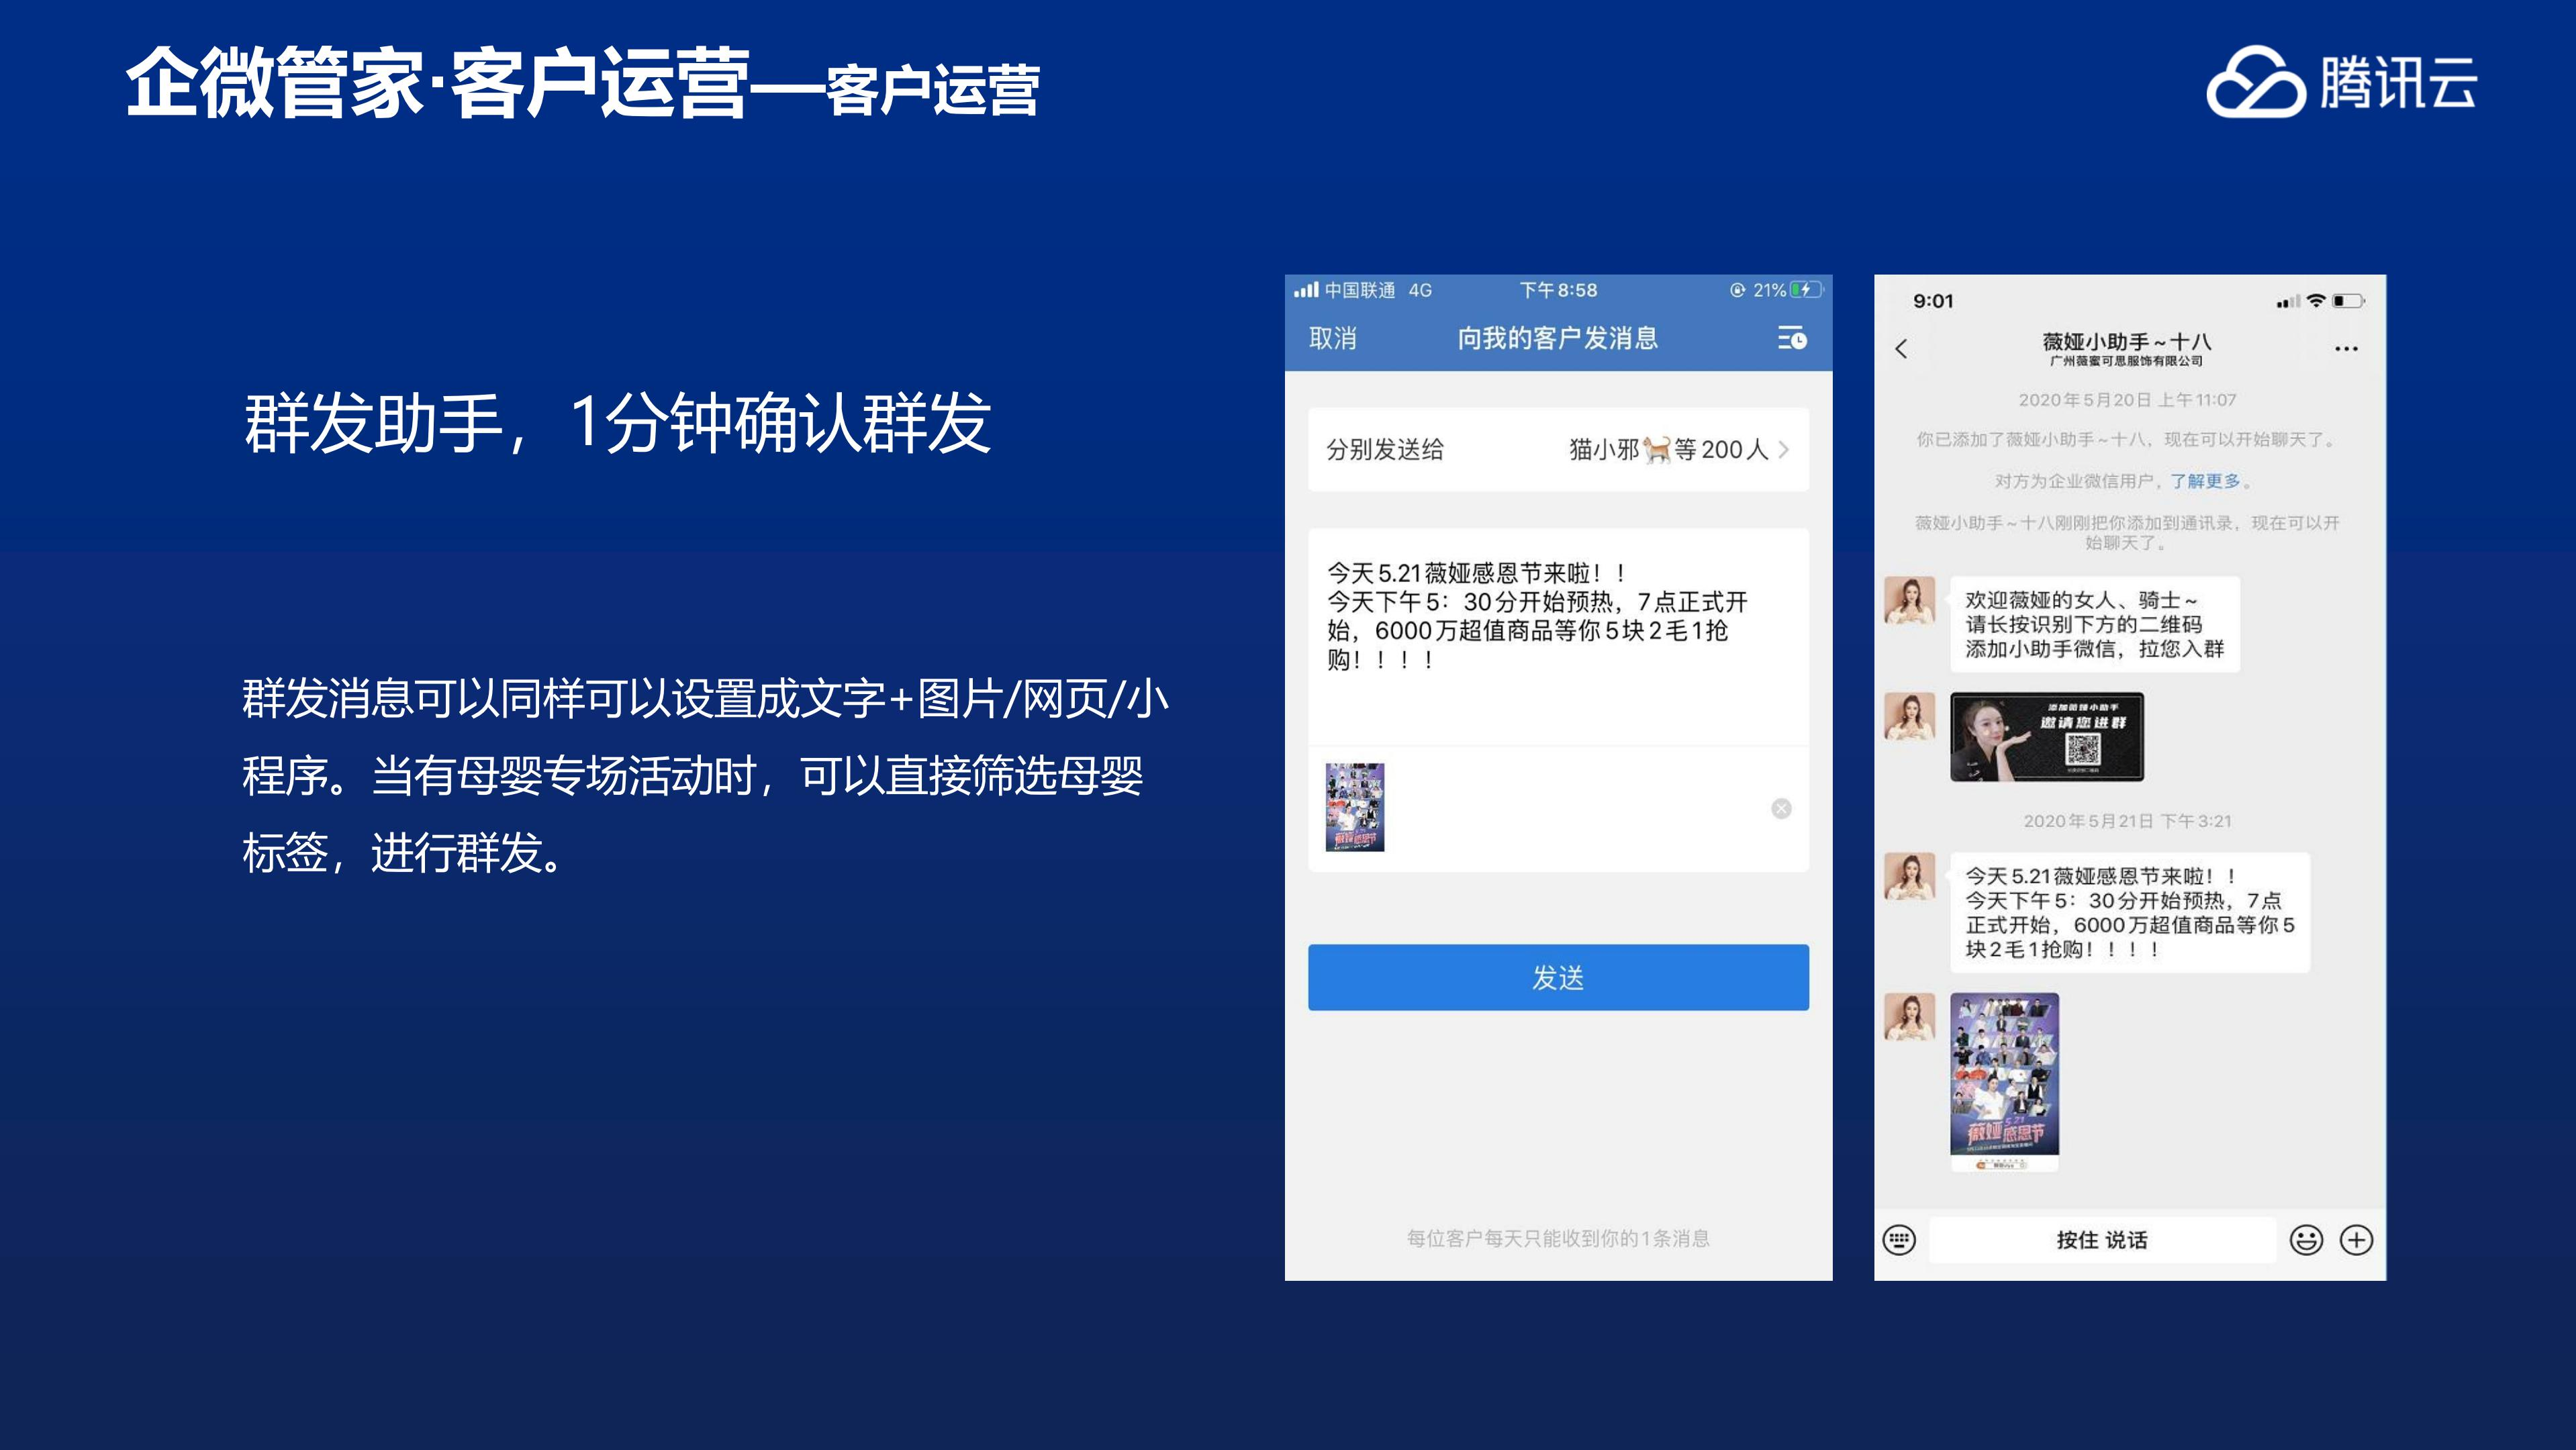 腾讯云企微管家产品介绍_20.jpg